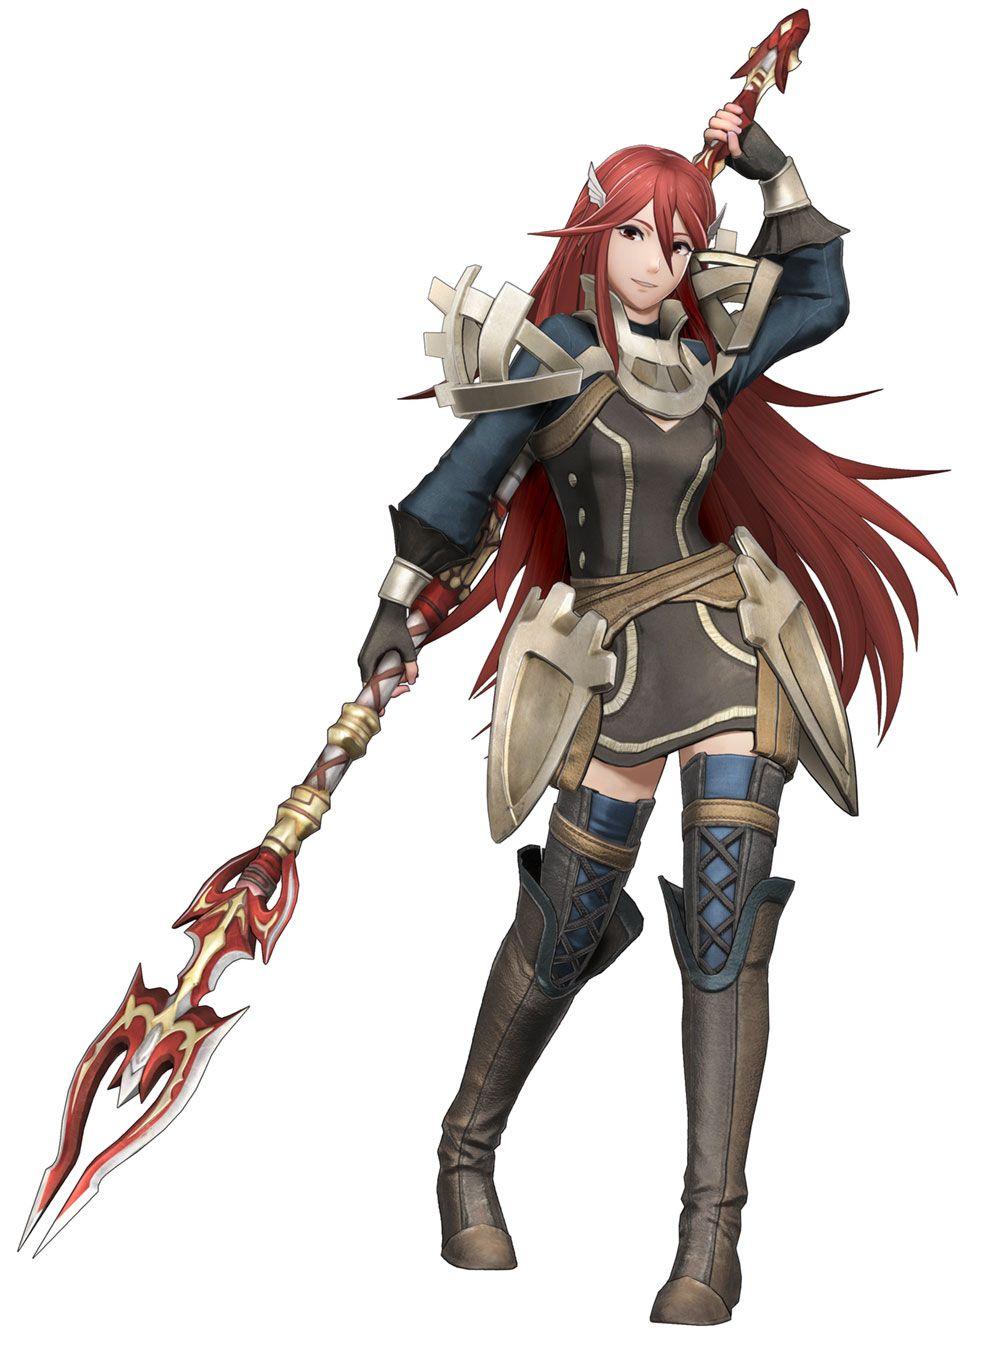 Cordelia, Dark Flier Costume from Fire Emblem Warriors